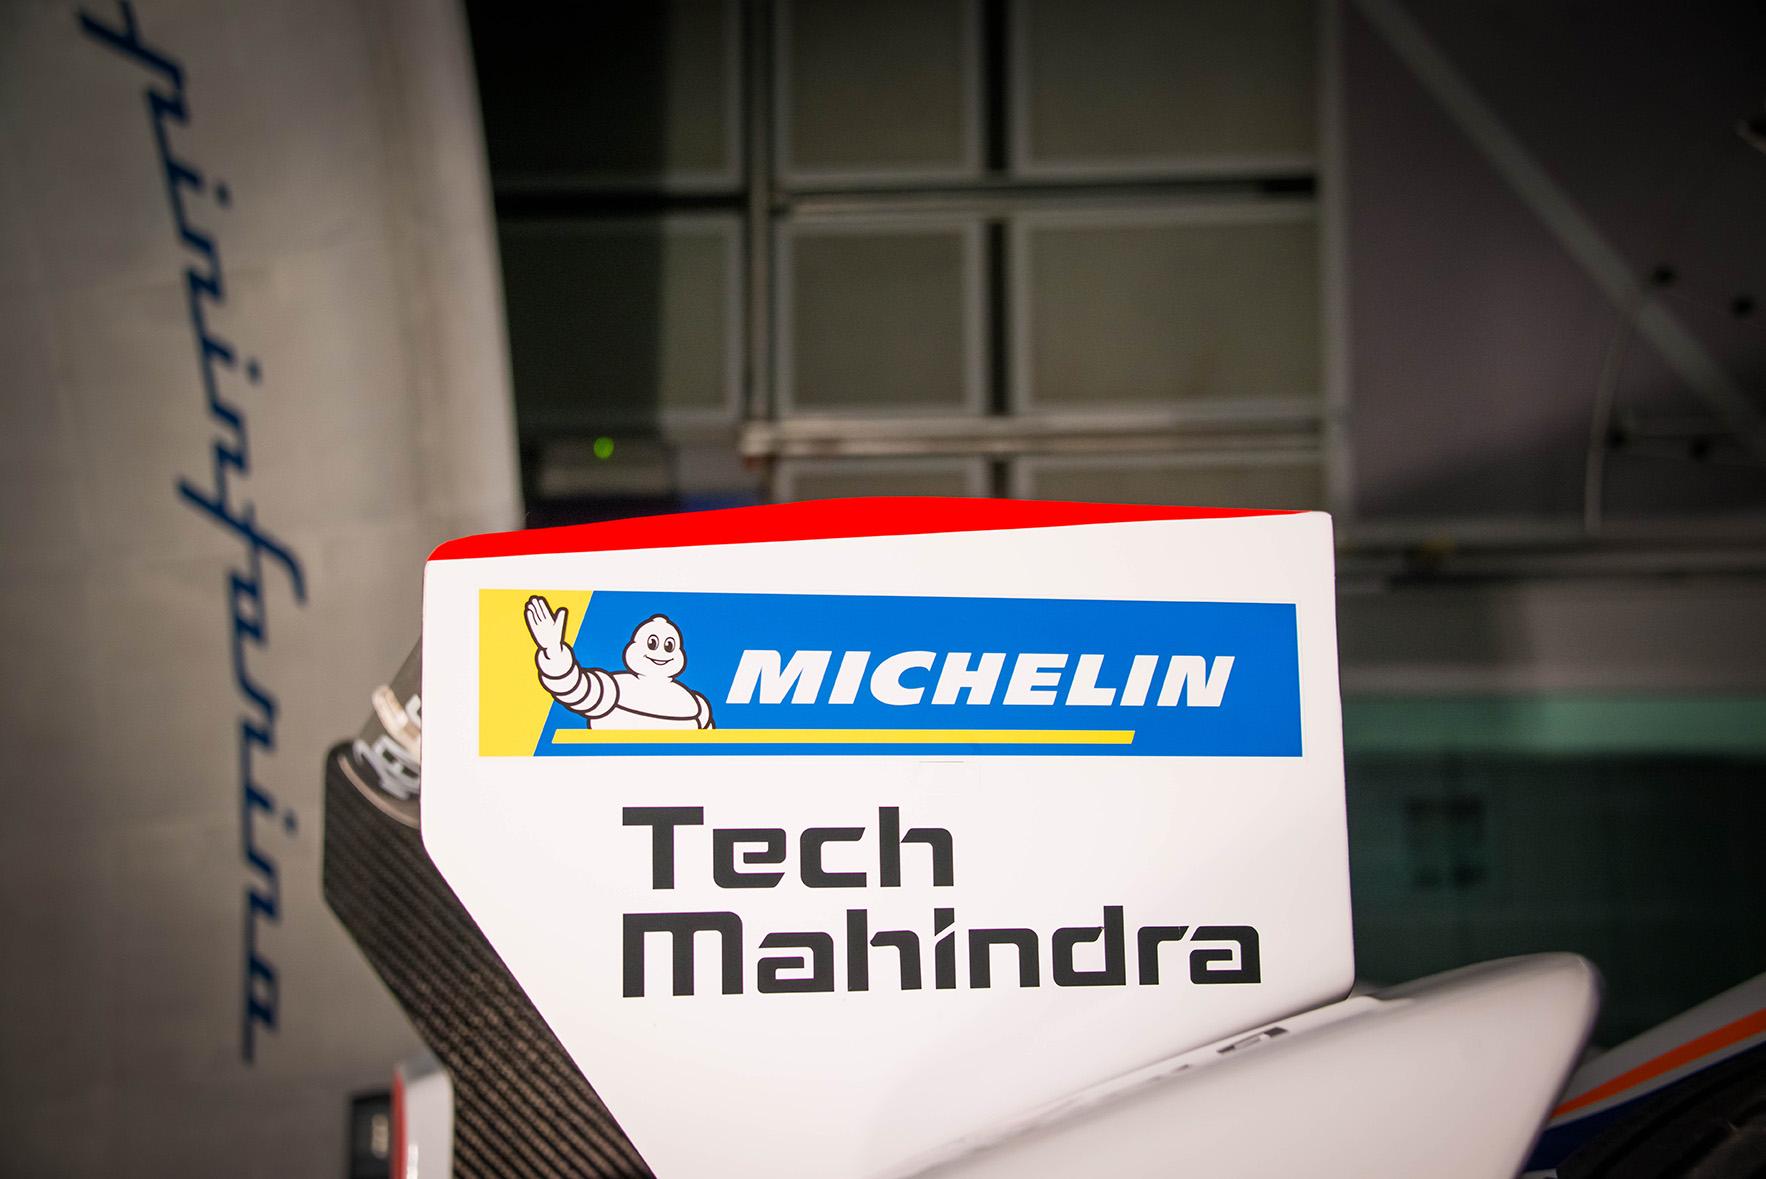 Spacesuit-Media-Marta-Rovatti-Studihrad-FIA-Formula-E-Mahindra-2018MGR_4756